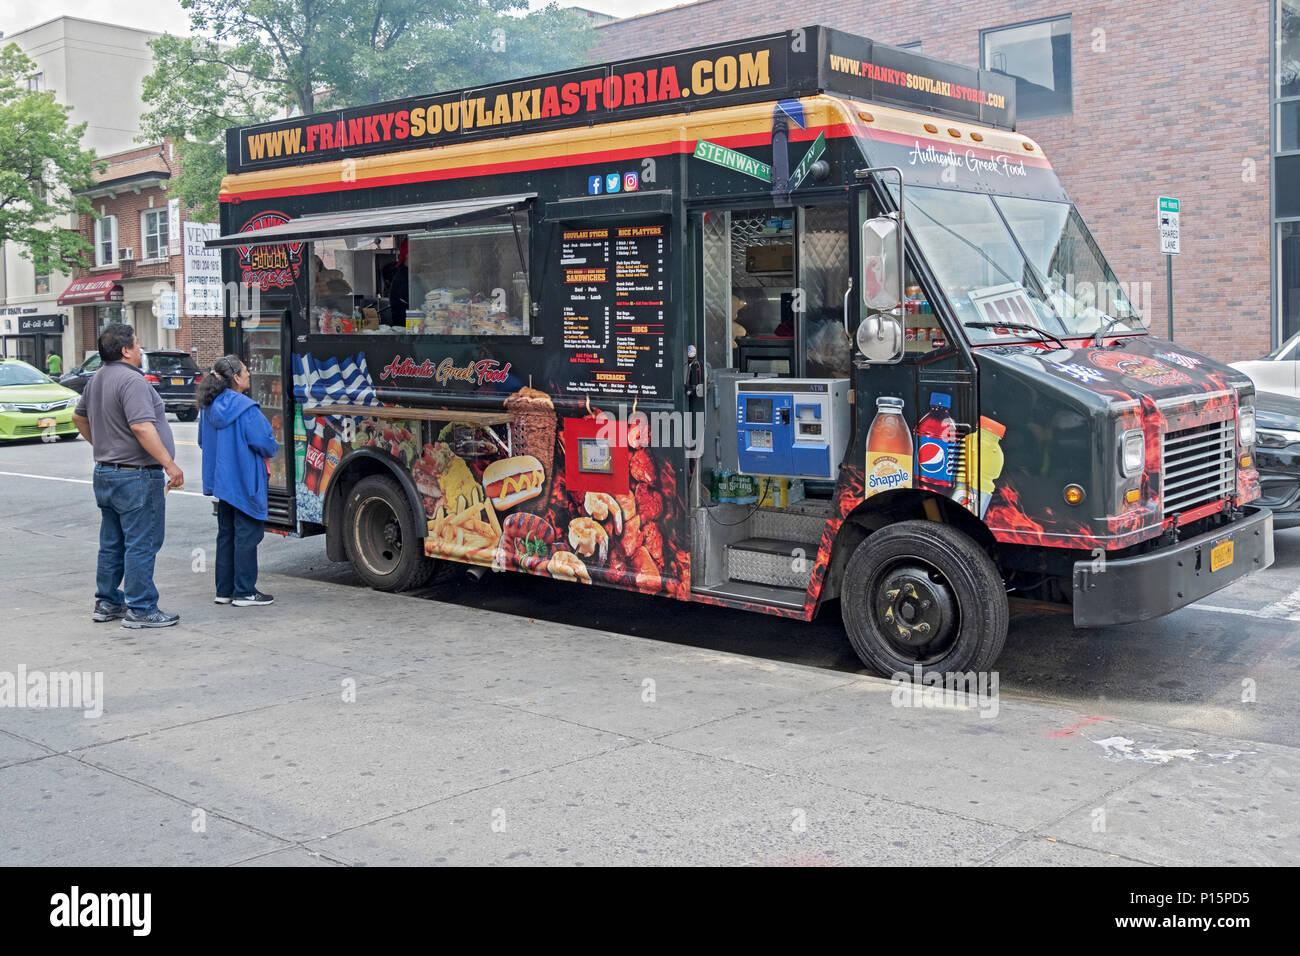 Greek Food Truck Astoria